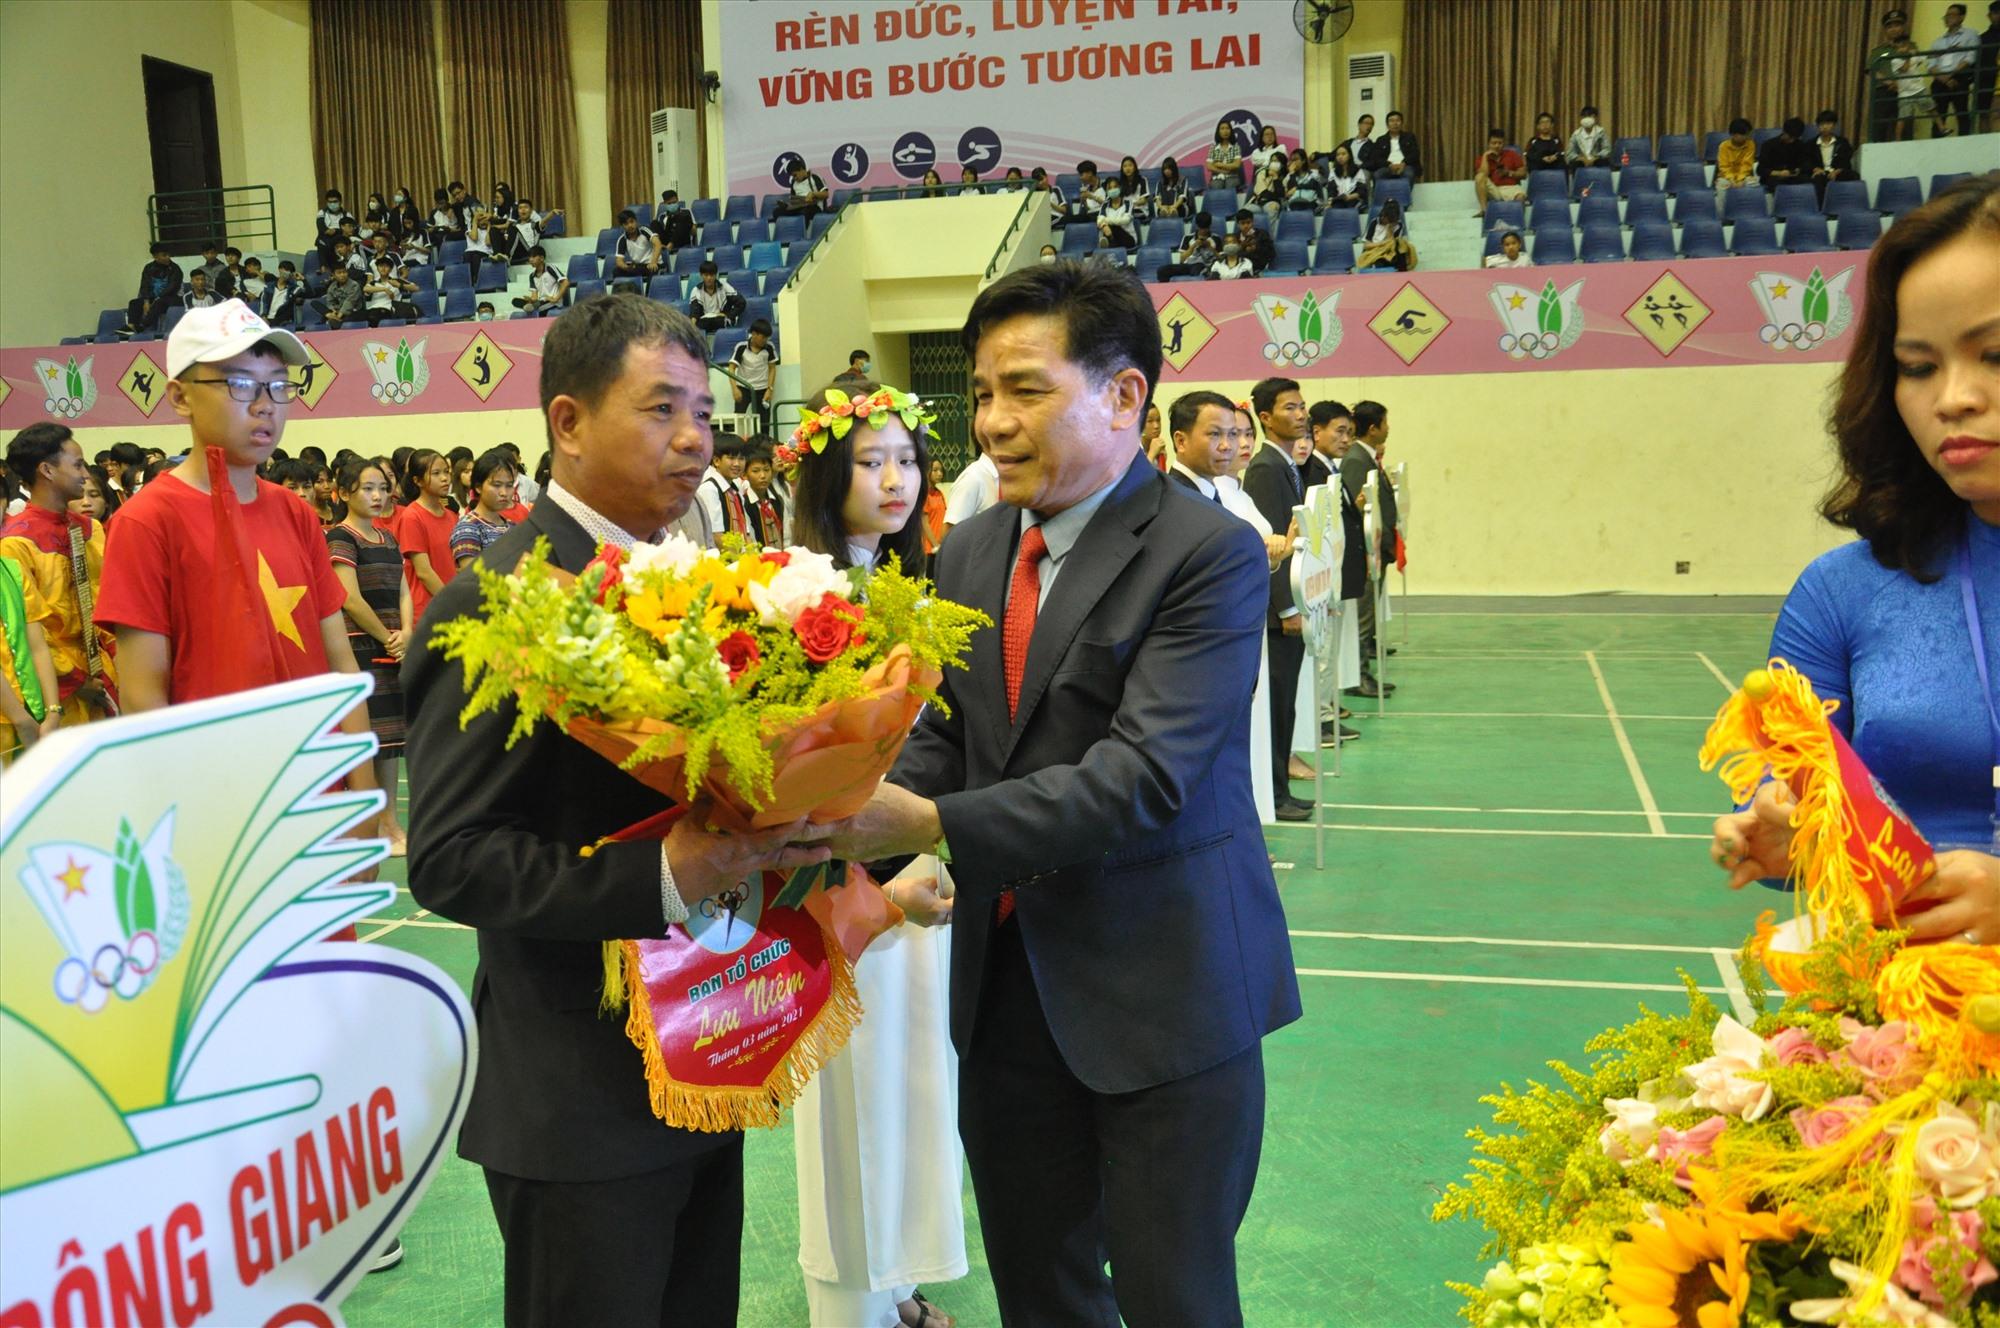 Phó Bí thư Thường trực Tỉnh ủy Lê Văn Dũng tặng hoa động viên các đoàn. Ảnh: X.P